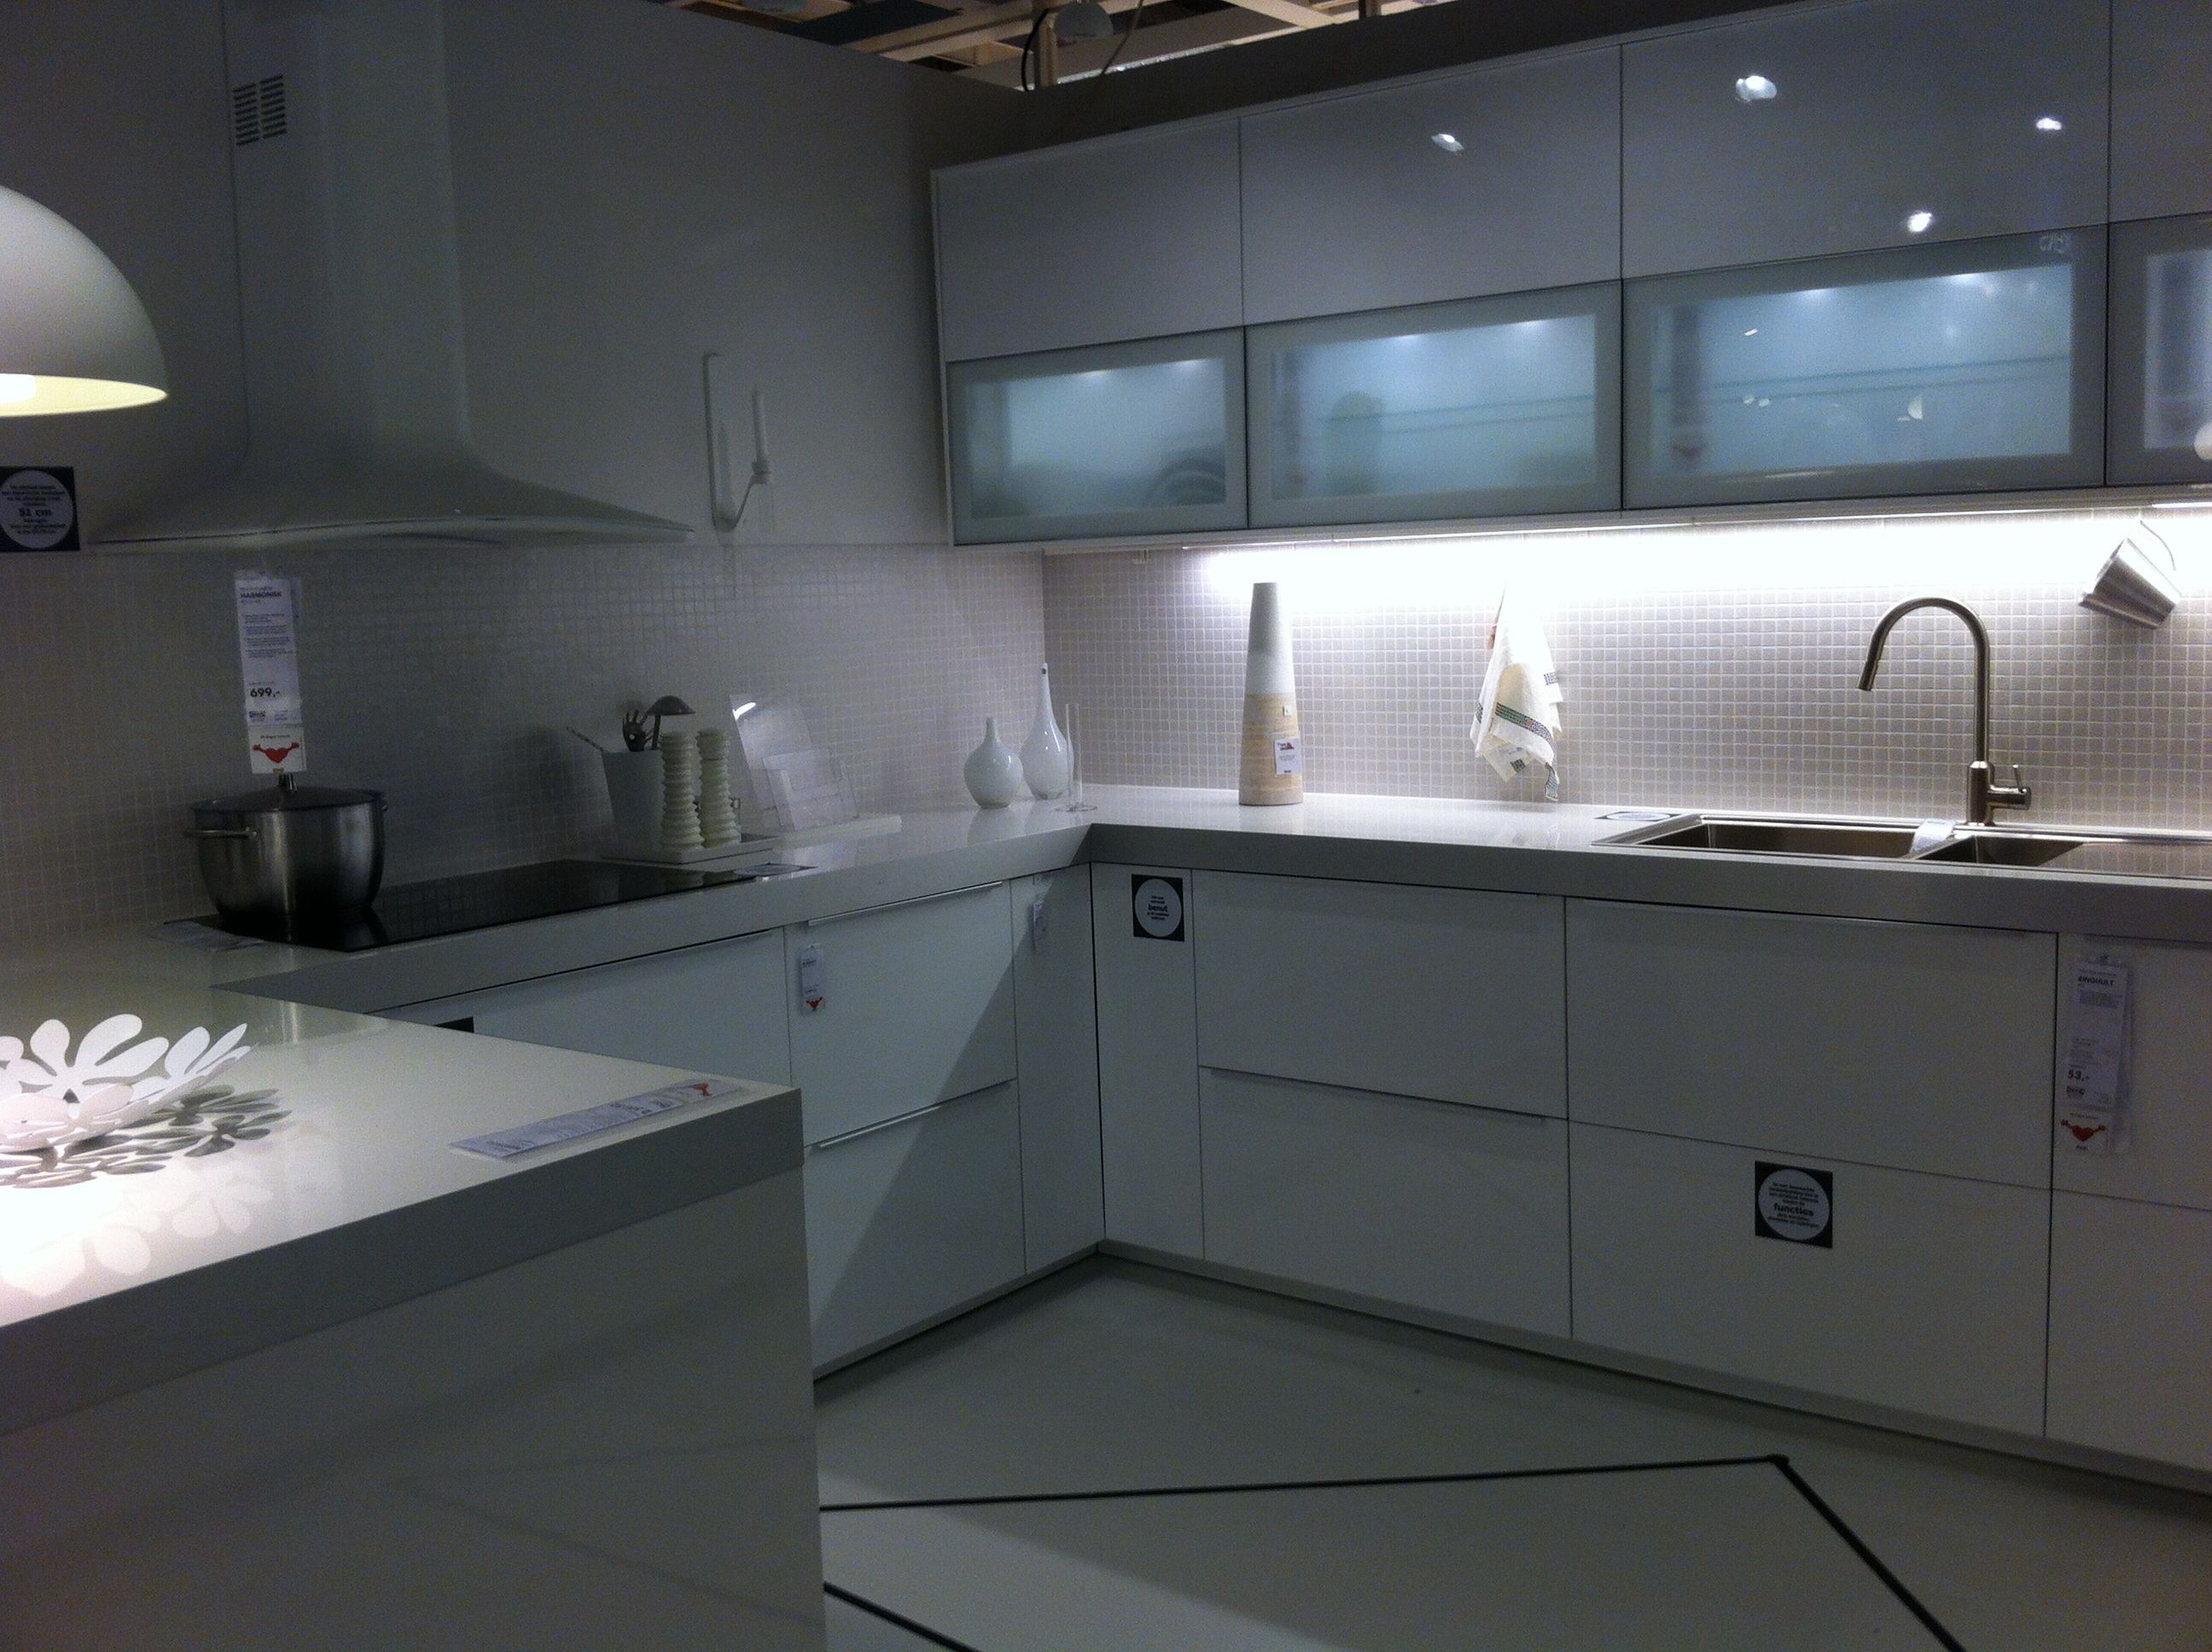 Küche ringhult ikea de nieuwe metod keukens van ikea keuken